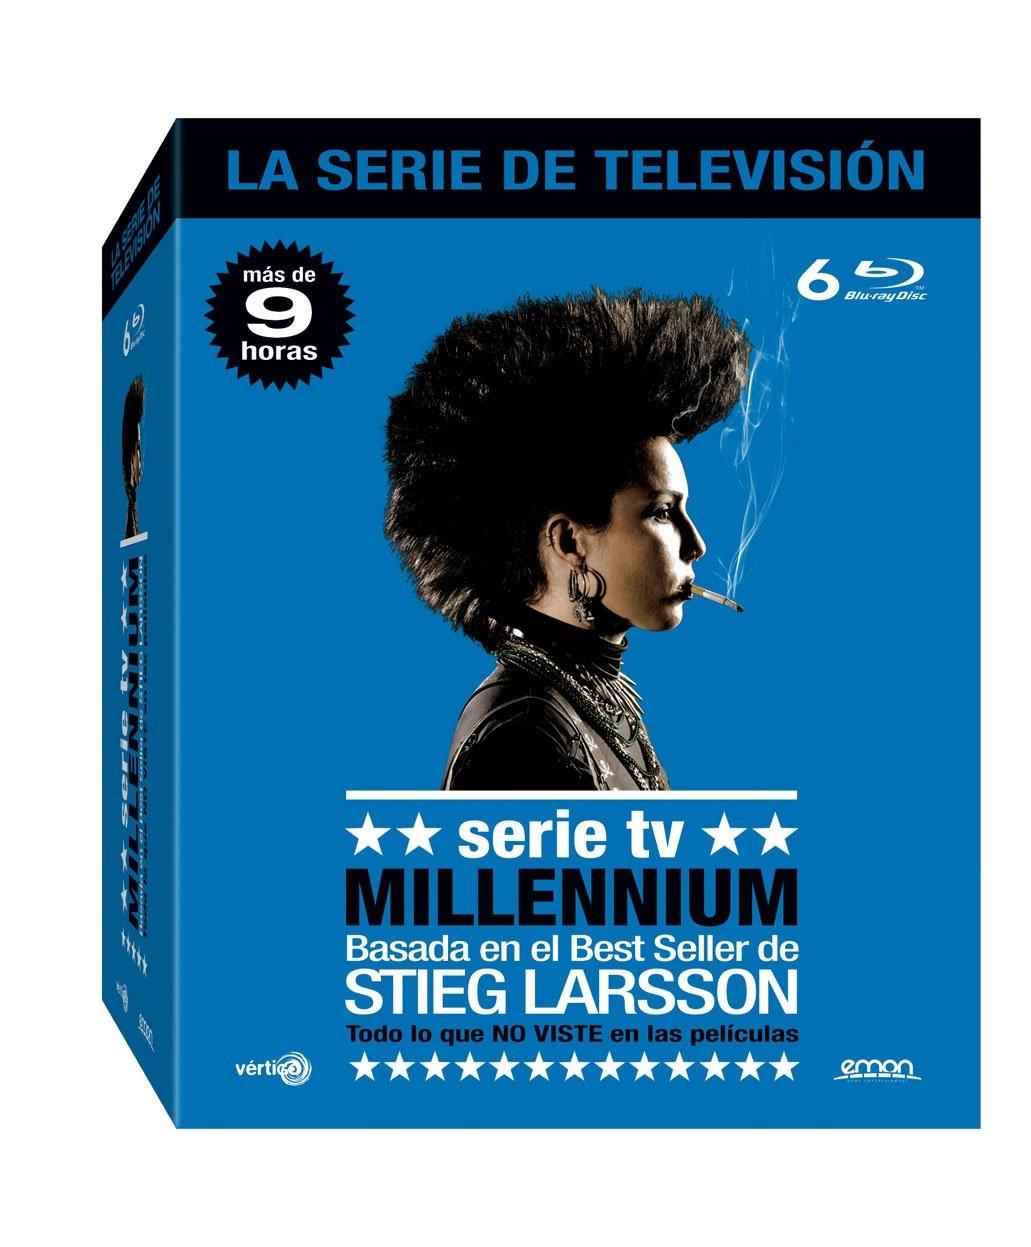 PACK MILLENNIUM LA SERIE DE TV